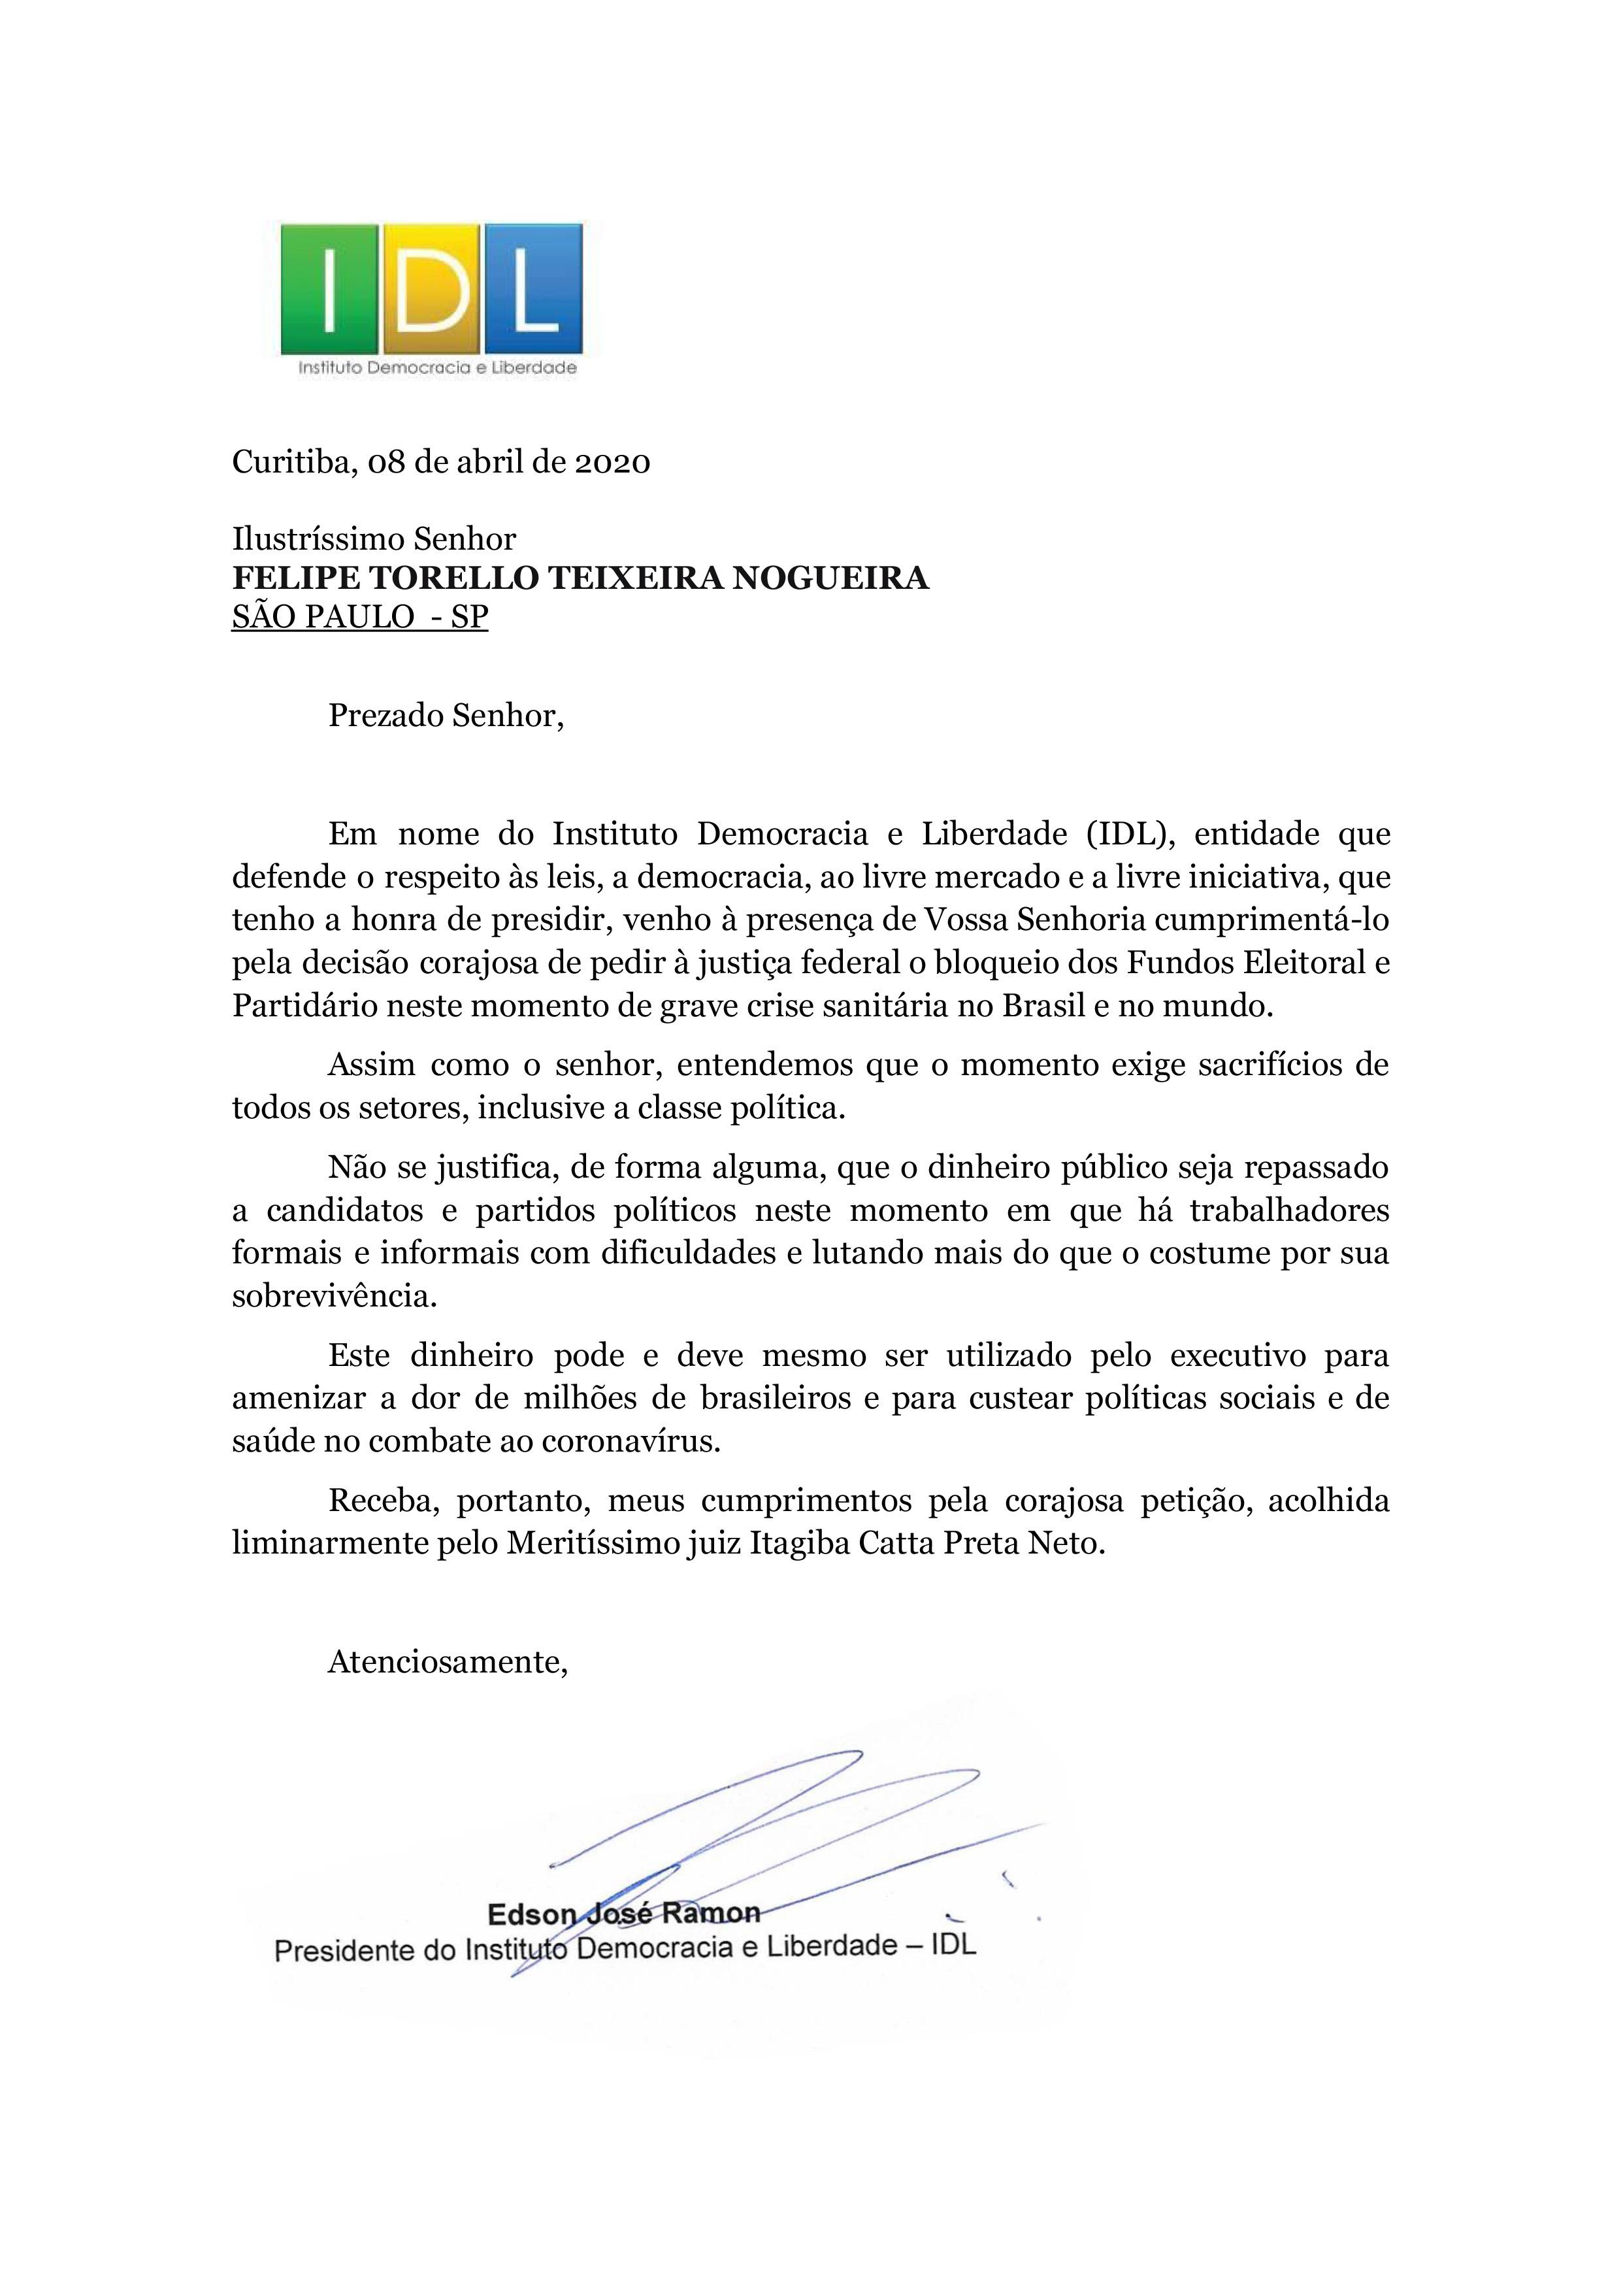 Carta ao advogado contra fundo eleitoral